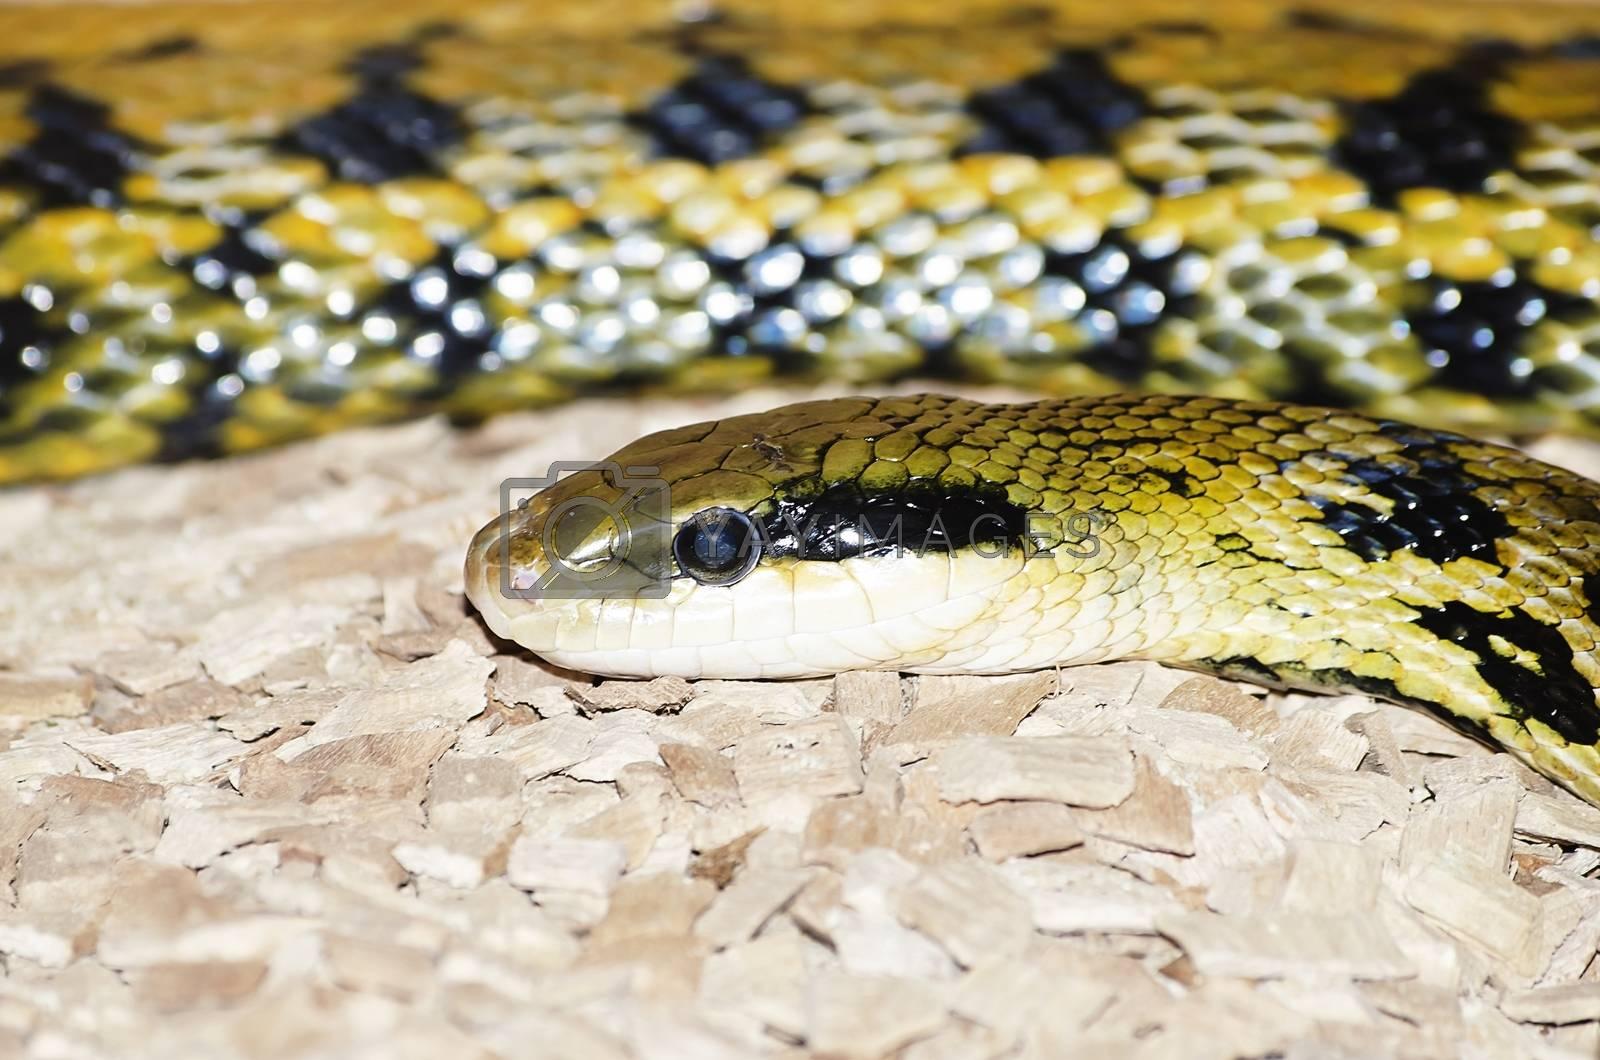 Photo of the Yellow and Black Elaphe Snake